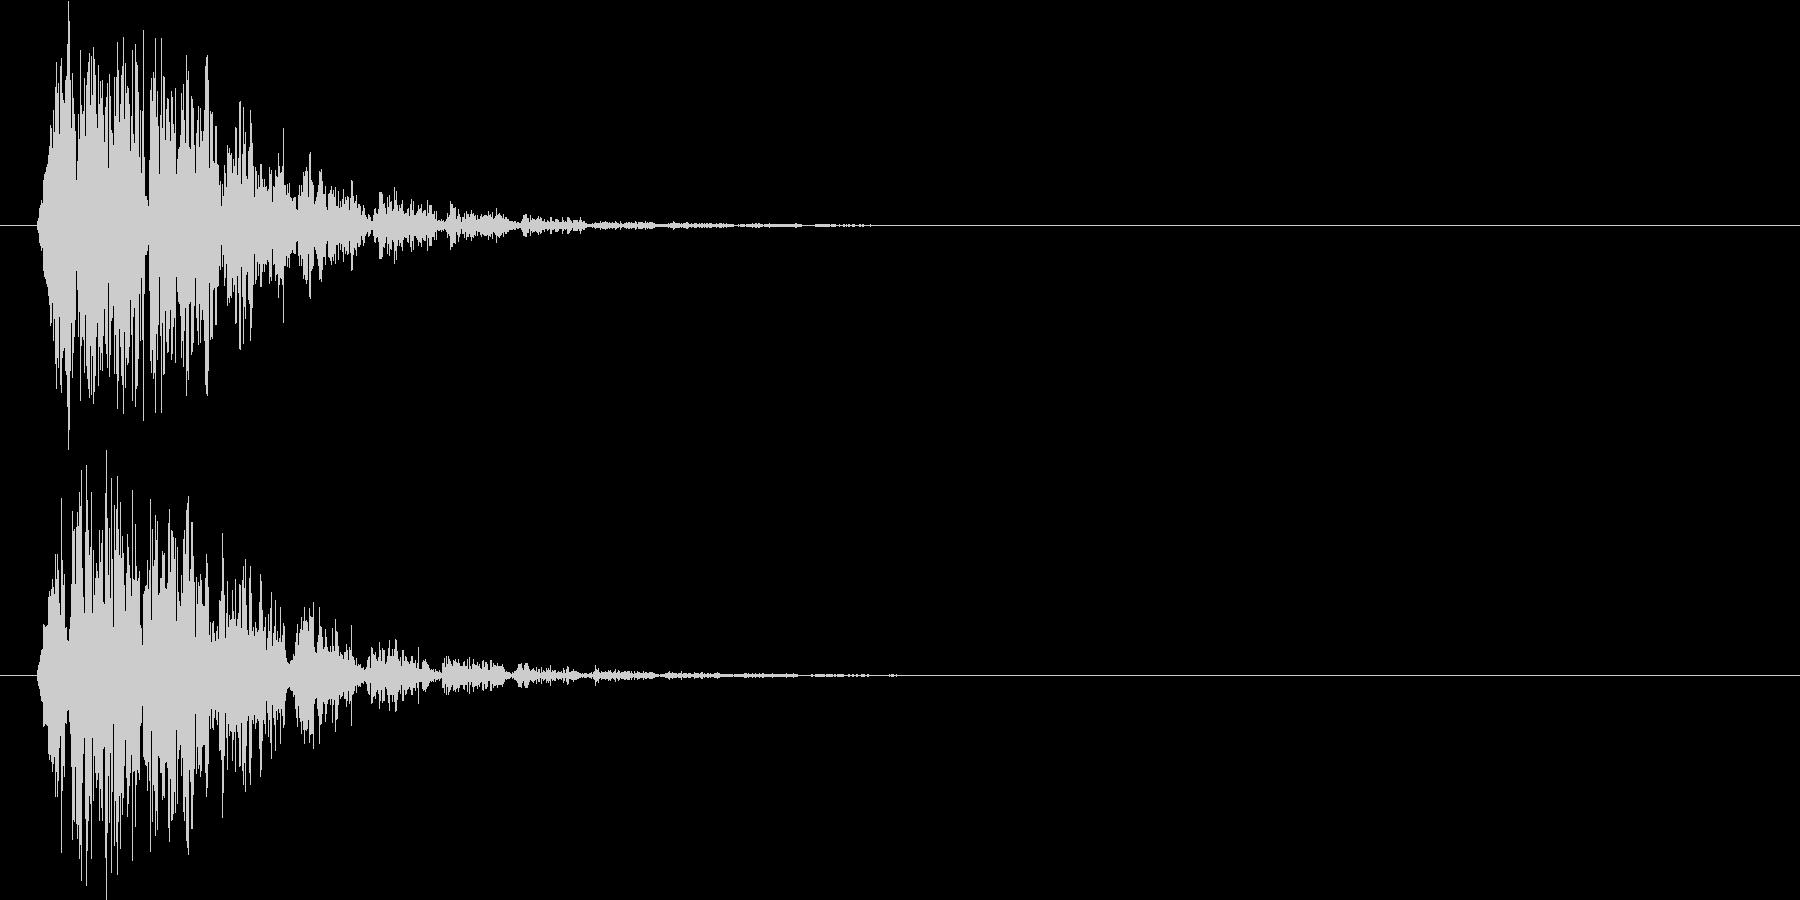 ドカーン(機械的衝撃波)の未再生の波形